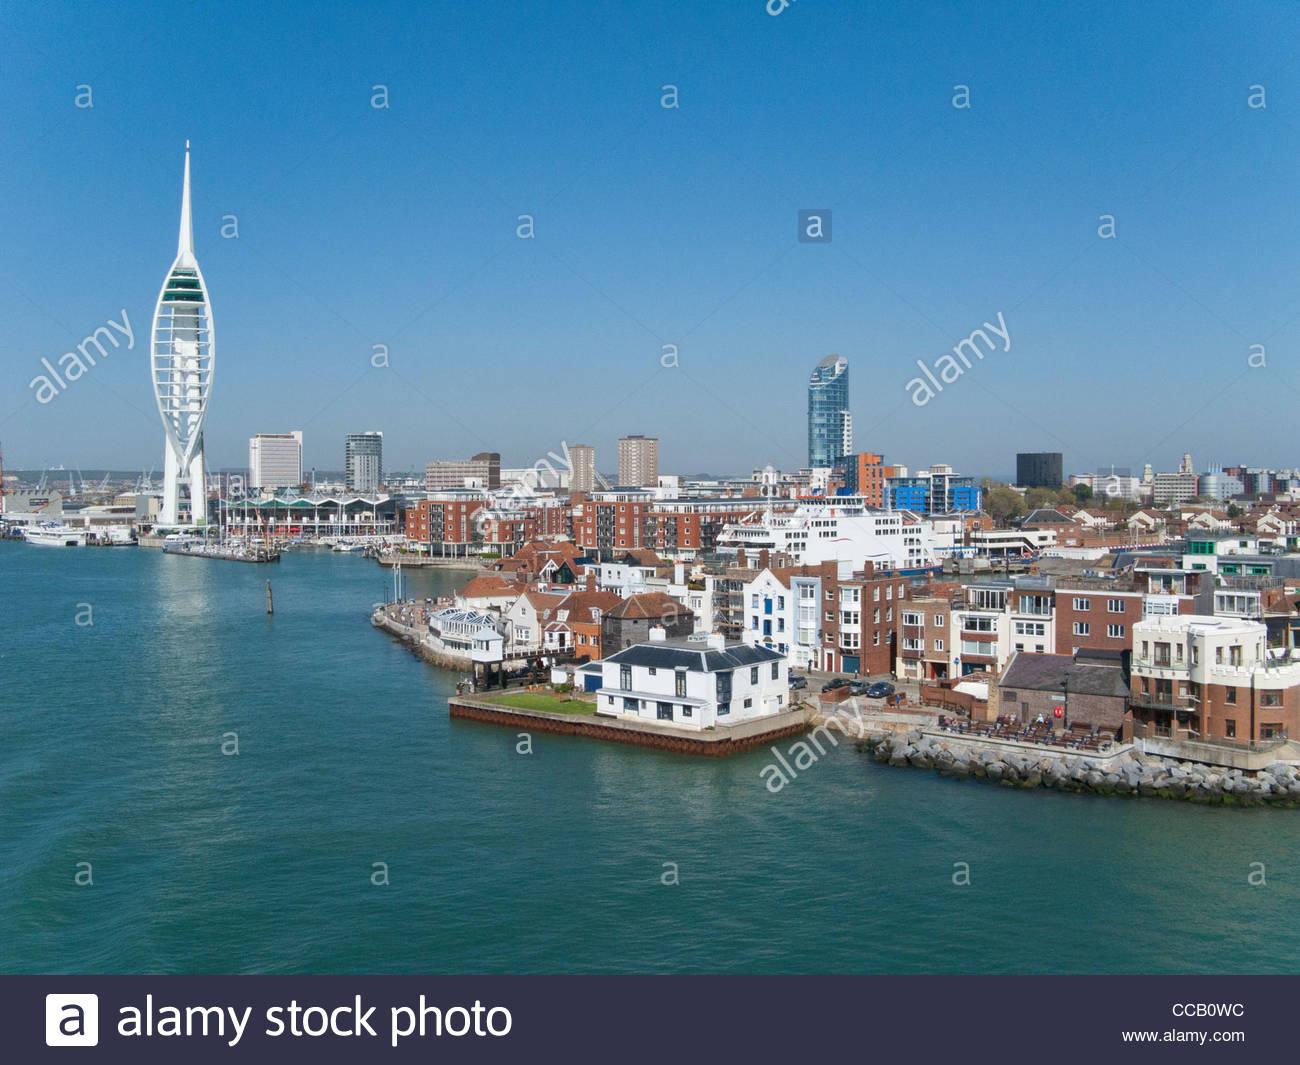 Stadtbild von Portsmouth mit modernen Turm im Hintergrund Stockbild